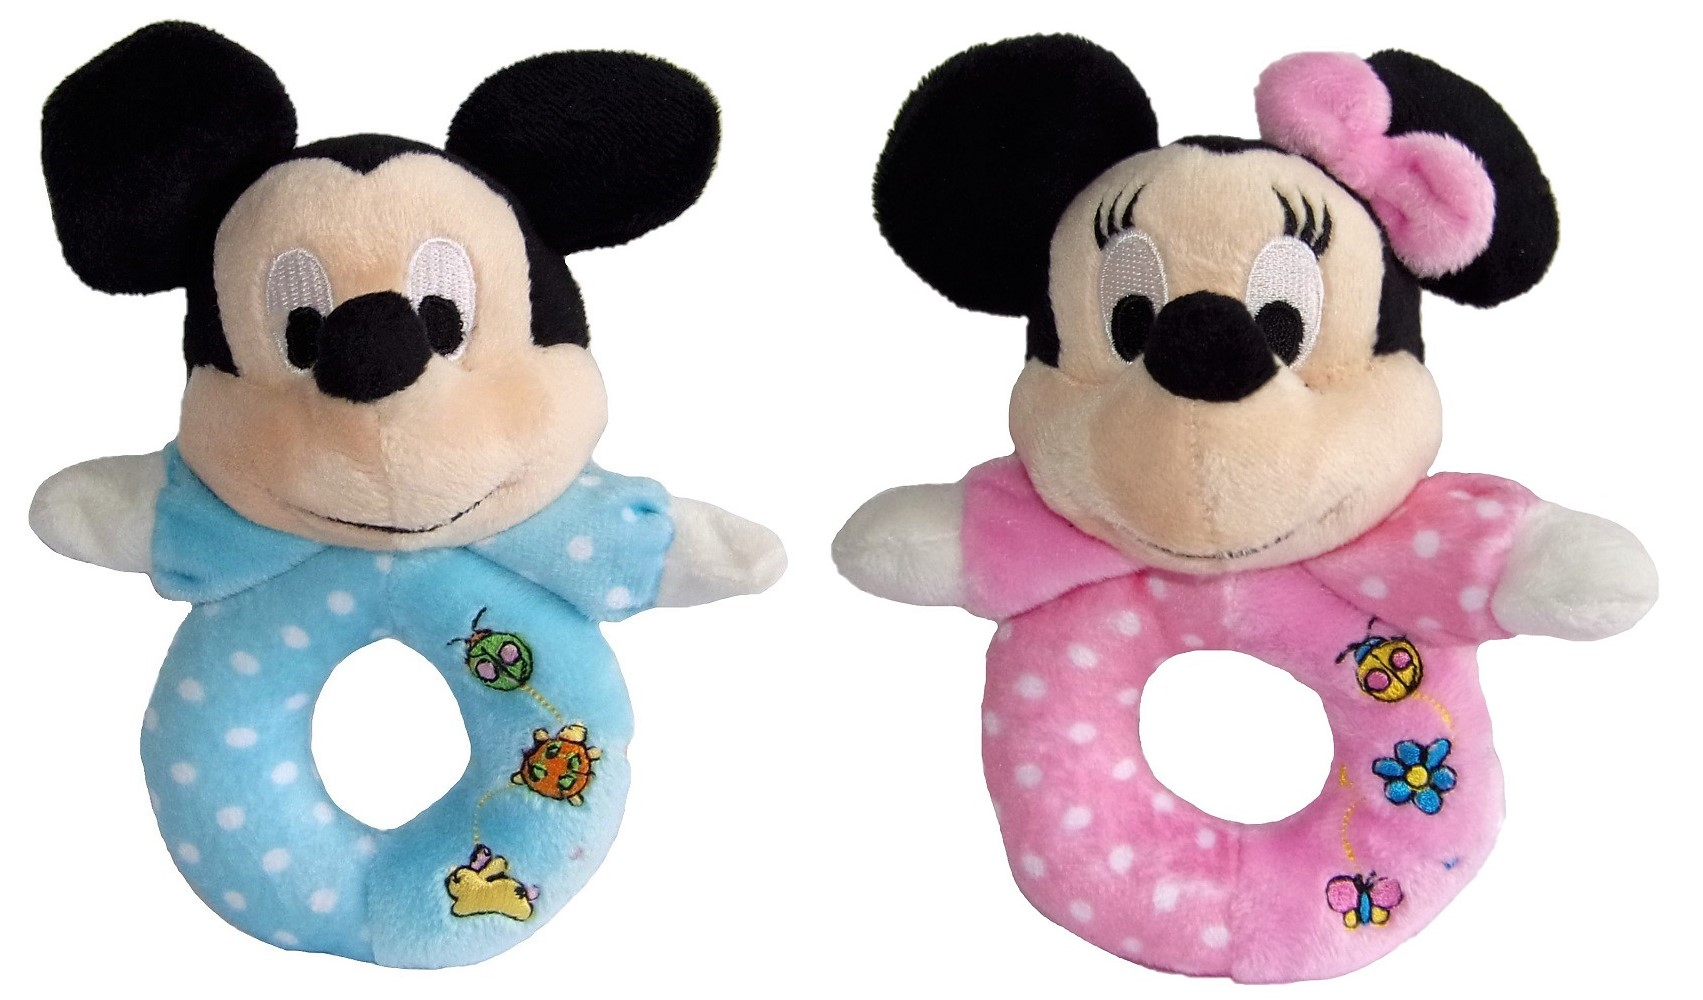 Disney Mickey Maus Baby-Rassel in blau oder rosa für Babys (Auswahl)